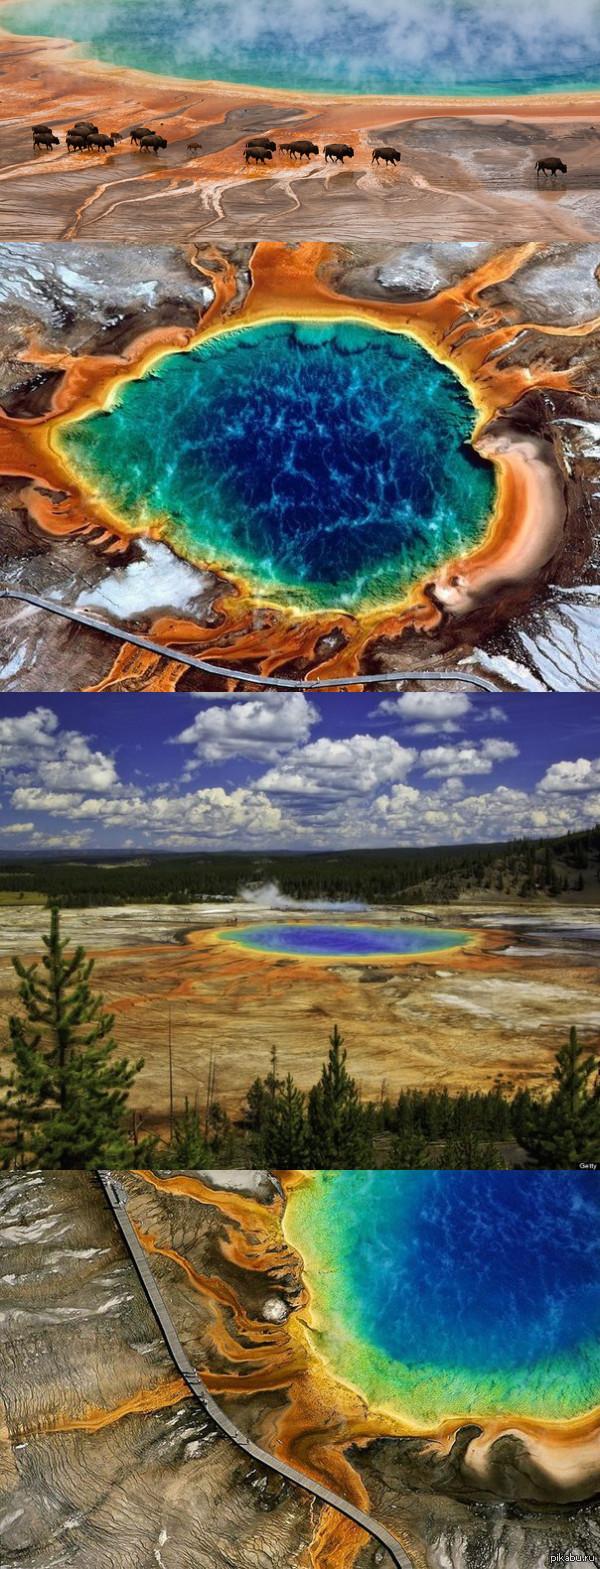 Большой призматический источник в Йеллоустонском национальном парке